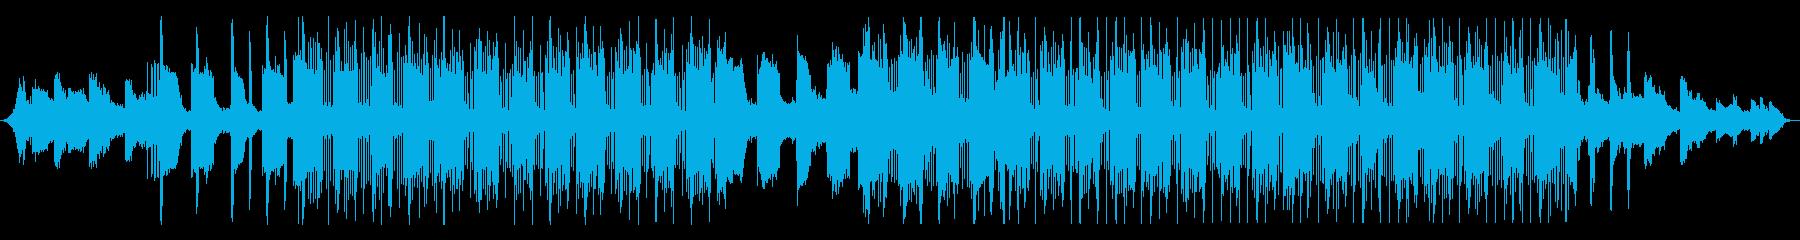 チルアウト/R&B/少し切ない/夢の中の再生済みの波形